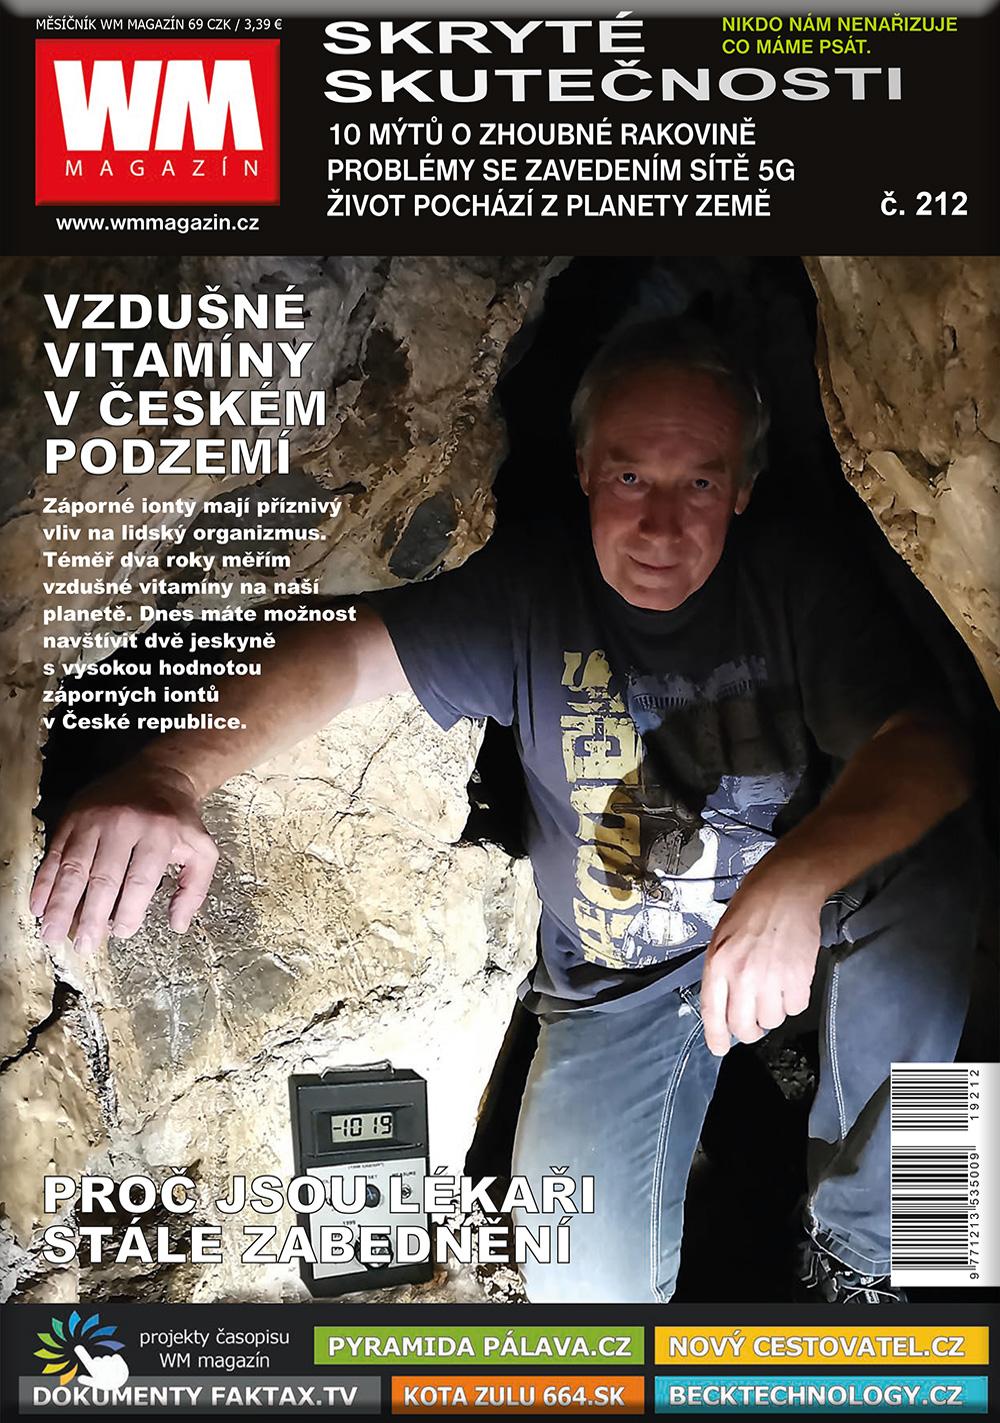 časopis wm magazín-skryté skutečnosti